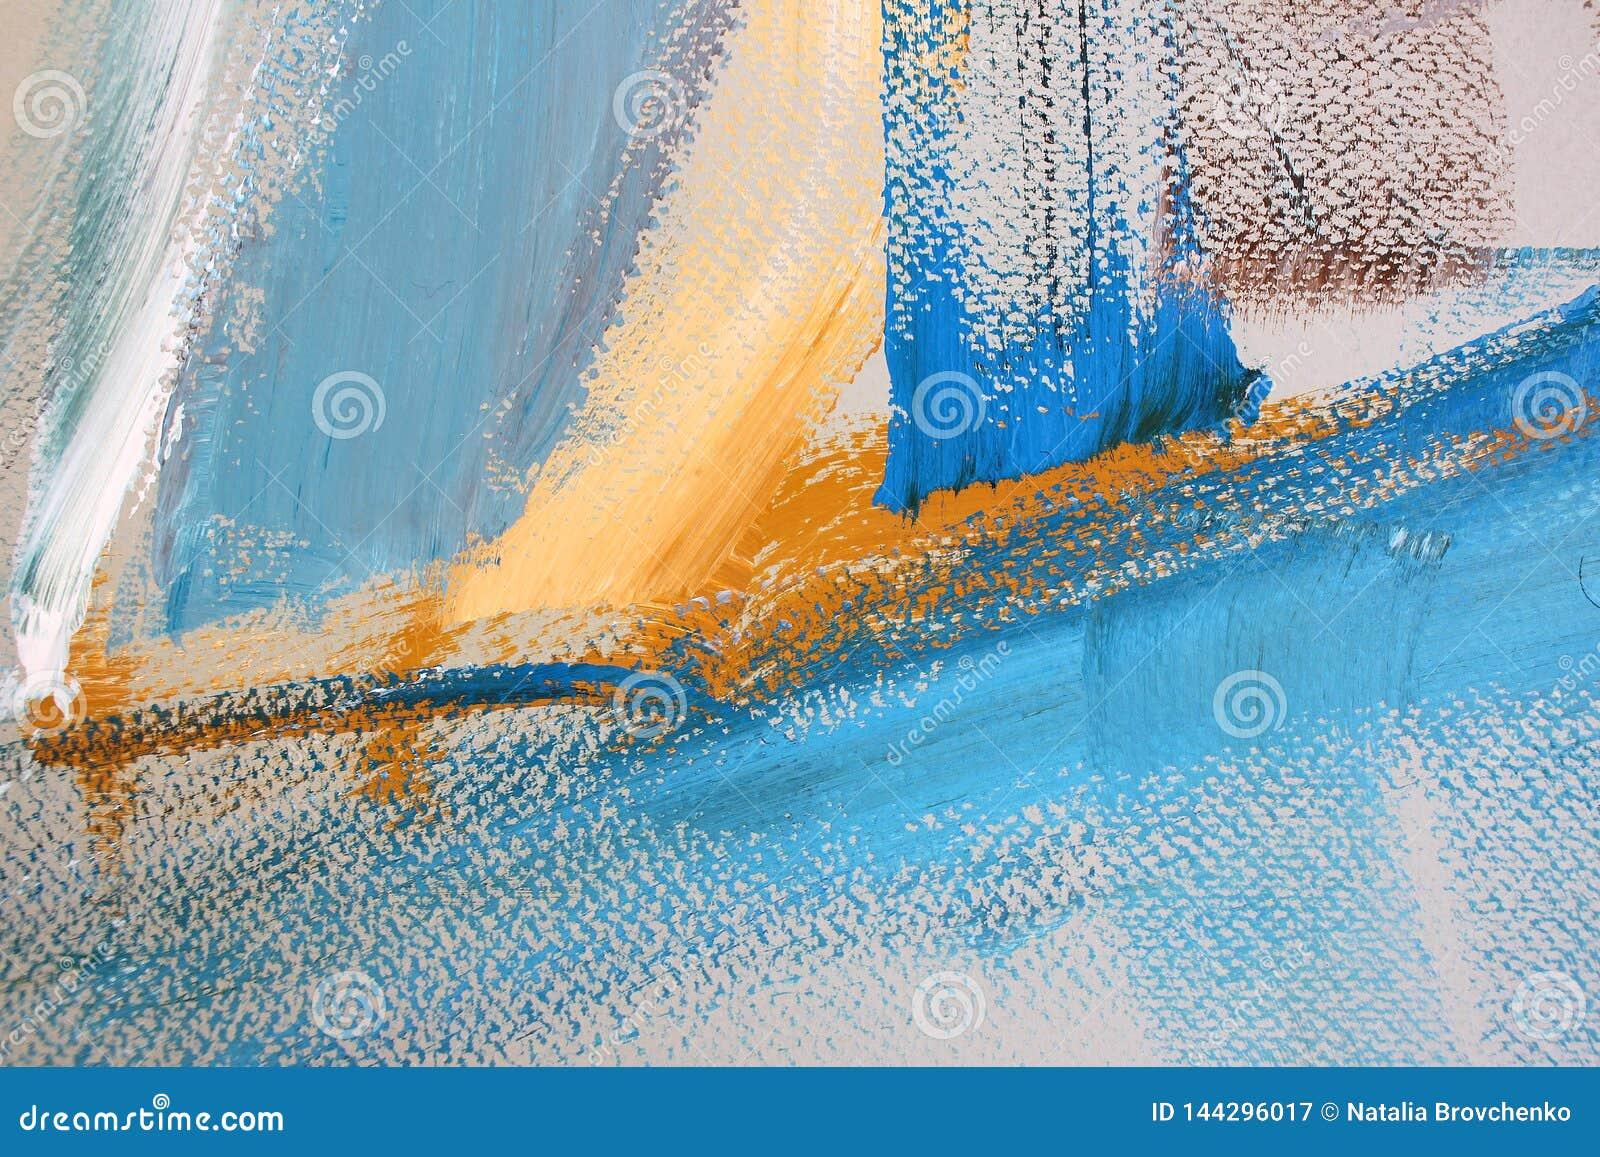 Gula blåa borsteslaglängder på kanfas abstrakt konstbakgrund Färgtextur Fragment av konstverk abstrakt kanfasmålning